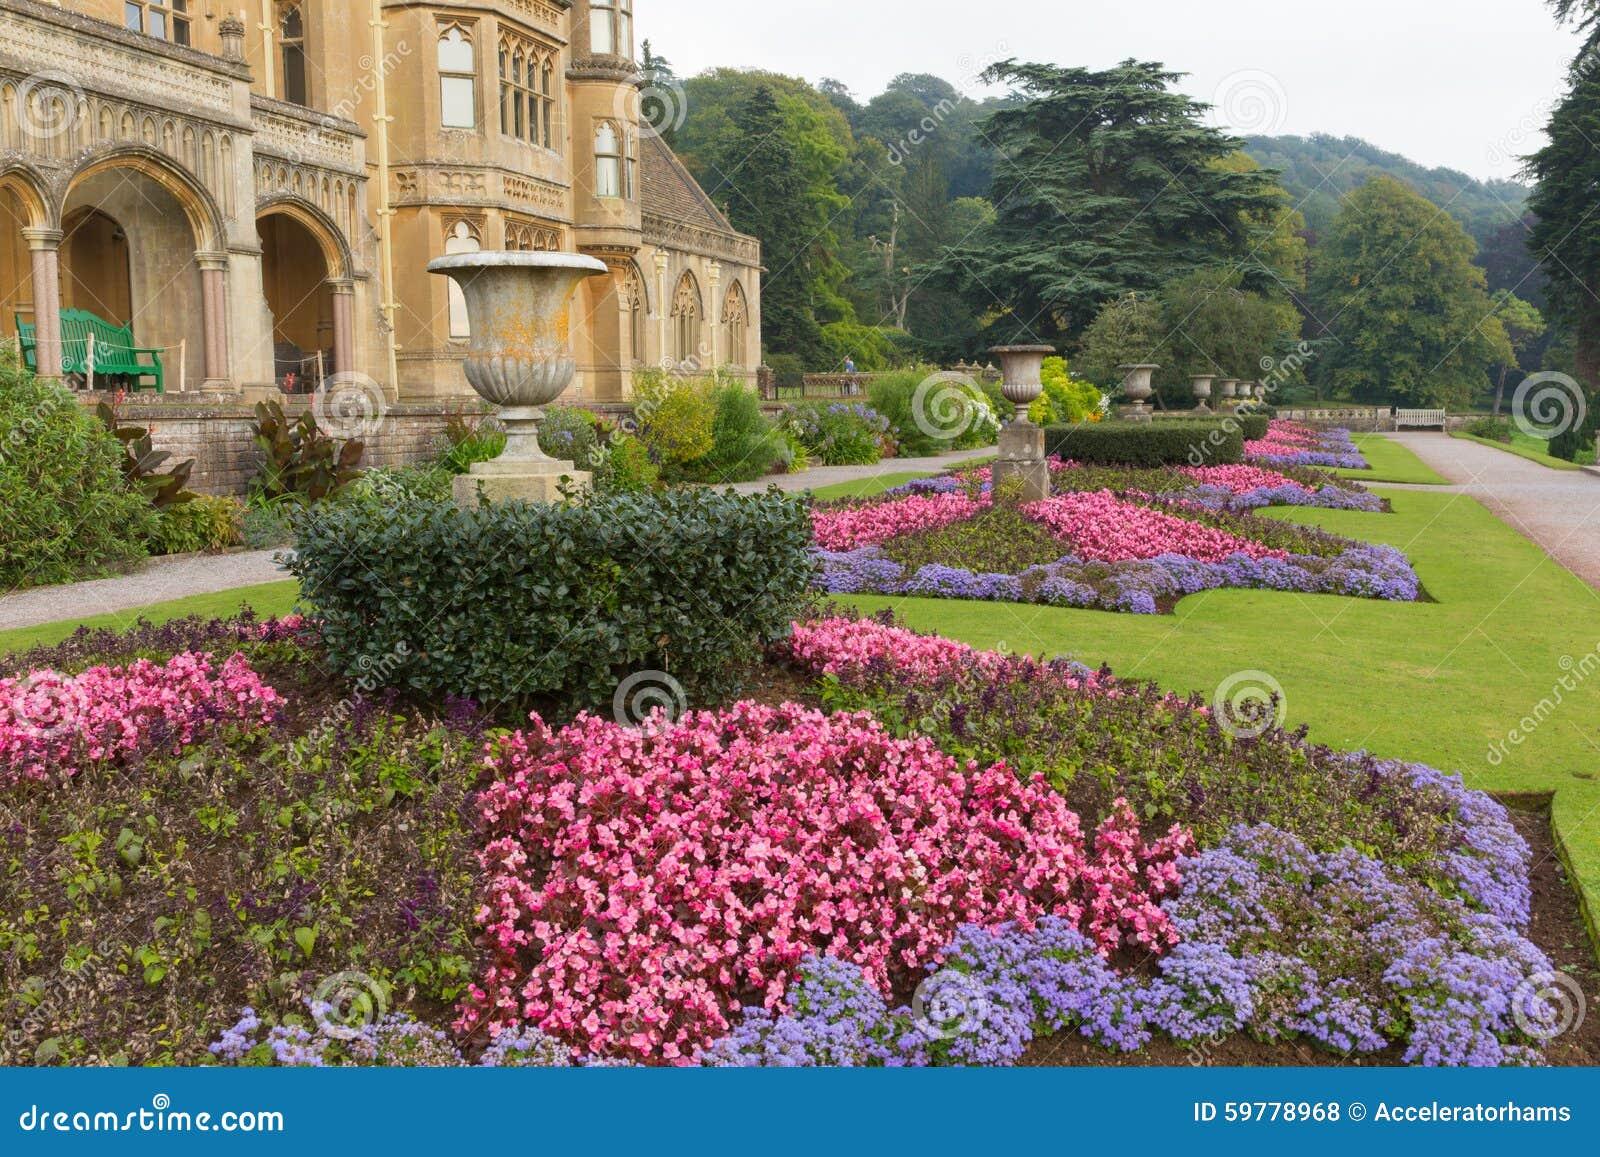 jardines de flores hermosos en la casa de tyntesfield cerca de la mansin victoriana britnica del